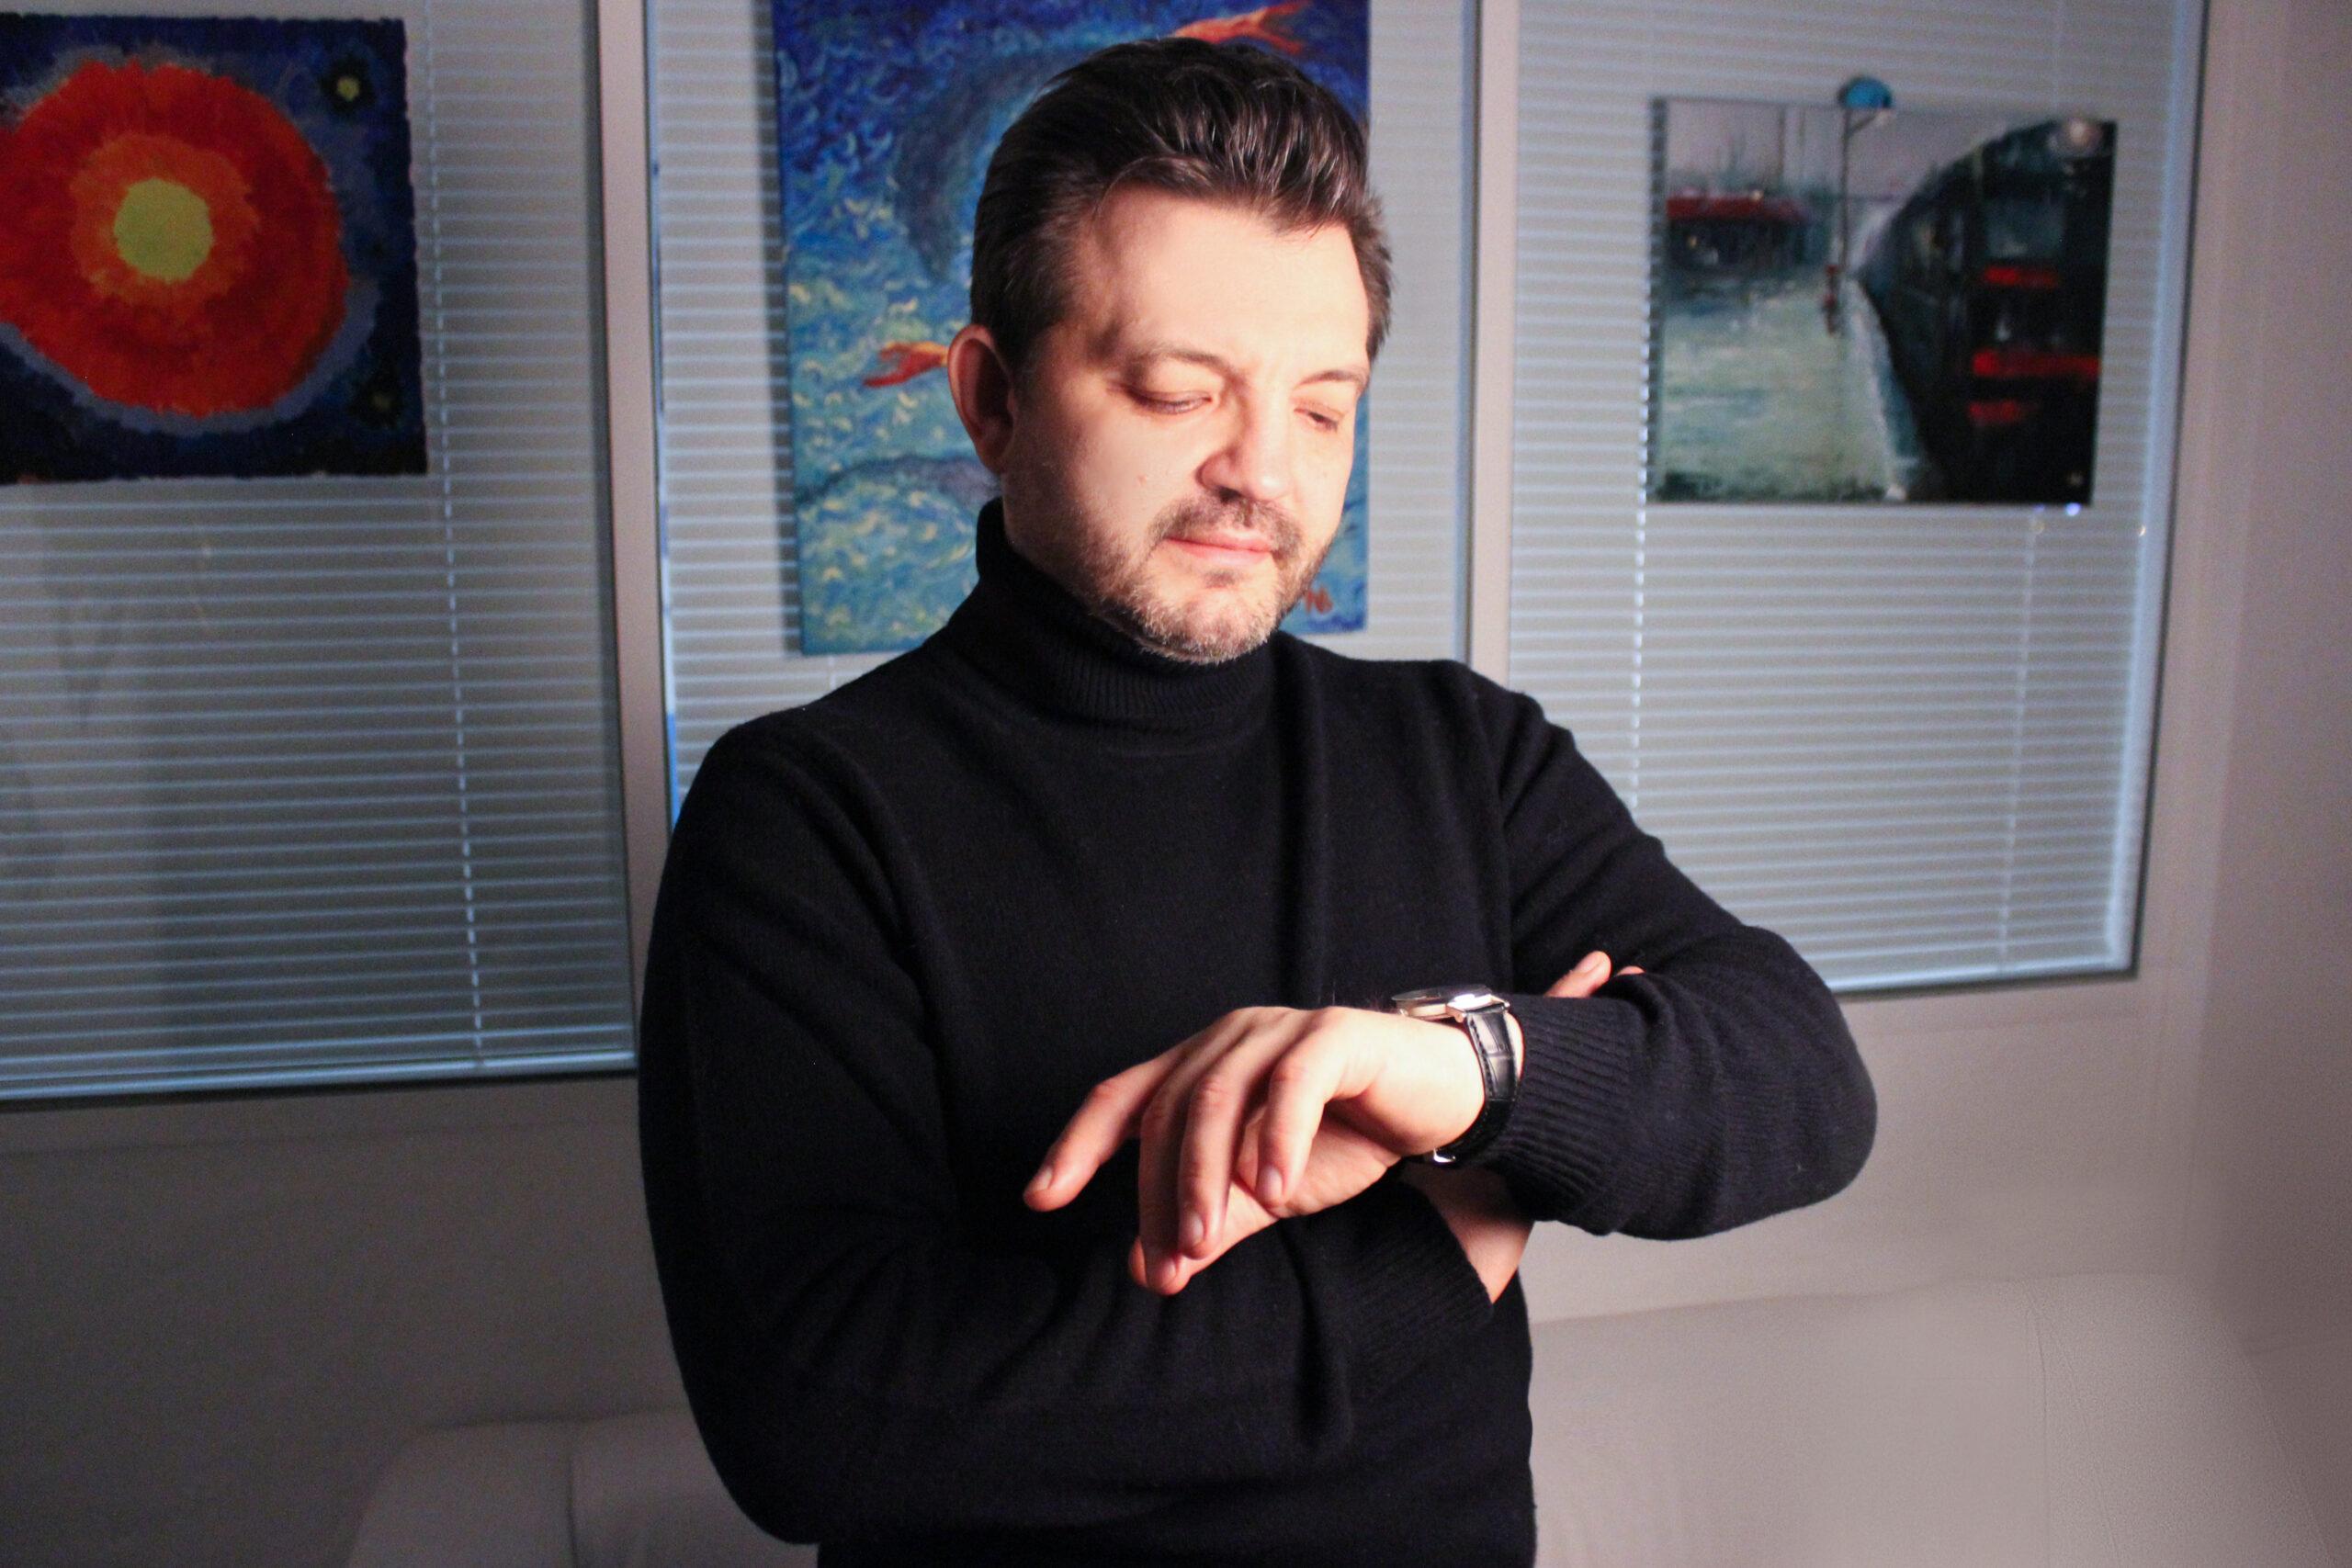 Психолог Валерий Ивановский рассказал о счастливой любви и о том, куда она уходит